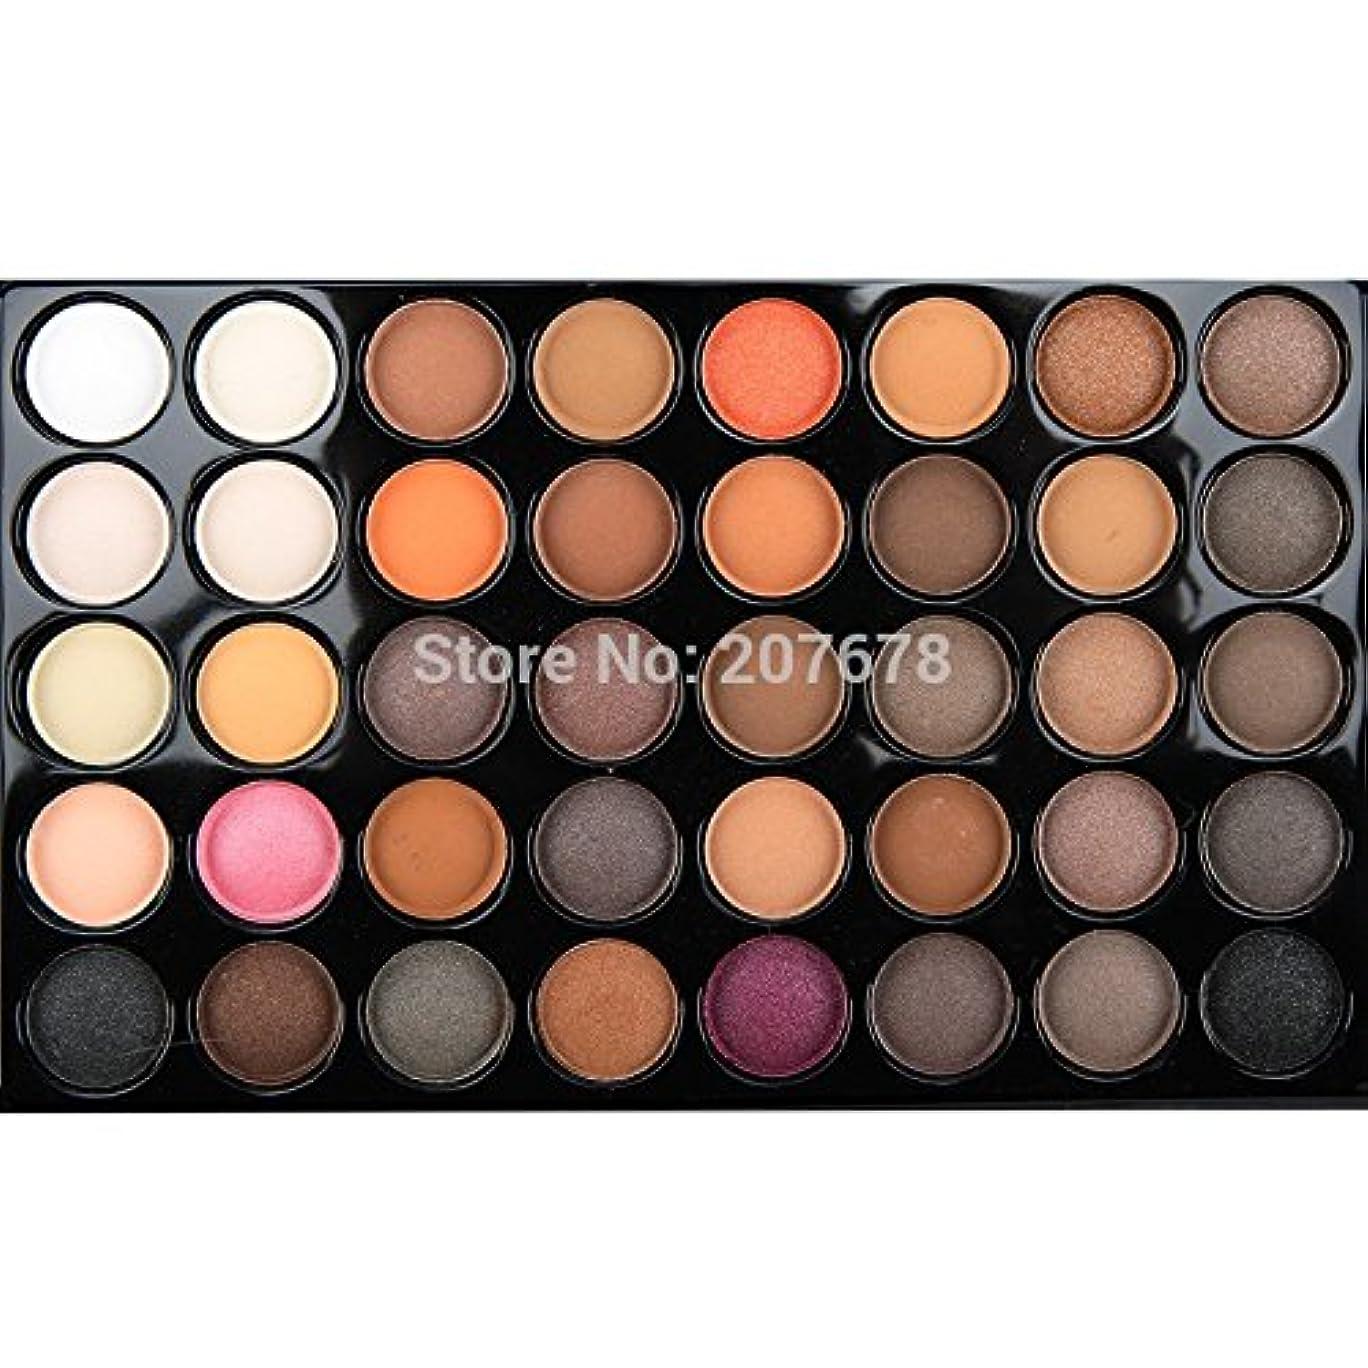 出会い巨大選出する40 Color Matte Eyeshadow Pallete Make Up Palette Eye Shadow Glitter Natural Easy to Wear Waterproof Lasting Makeup Pallete